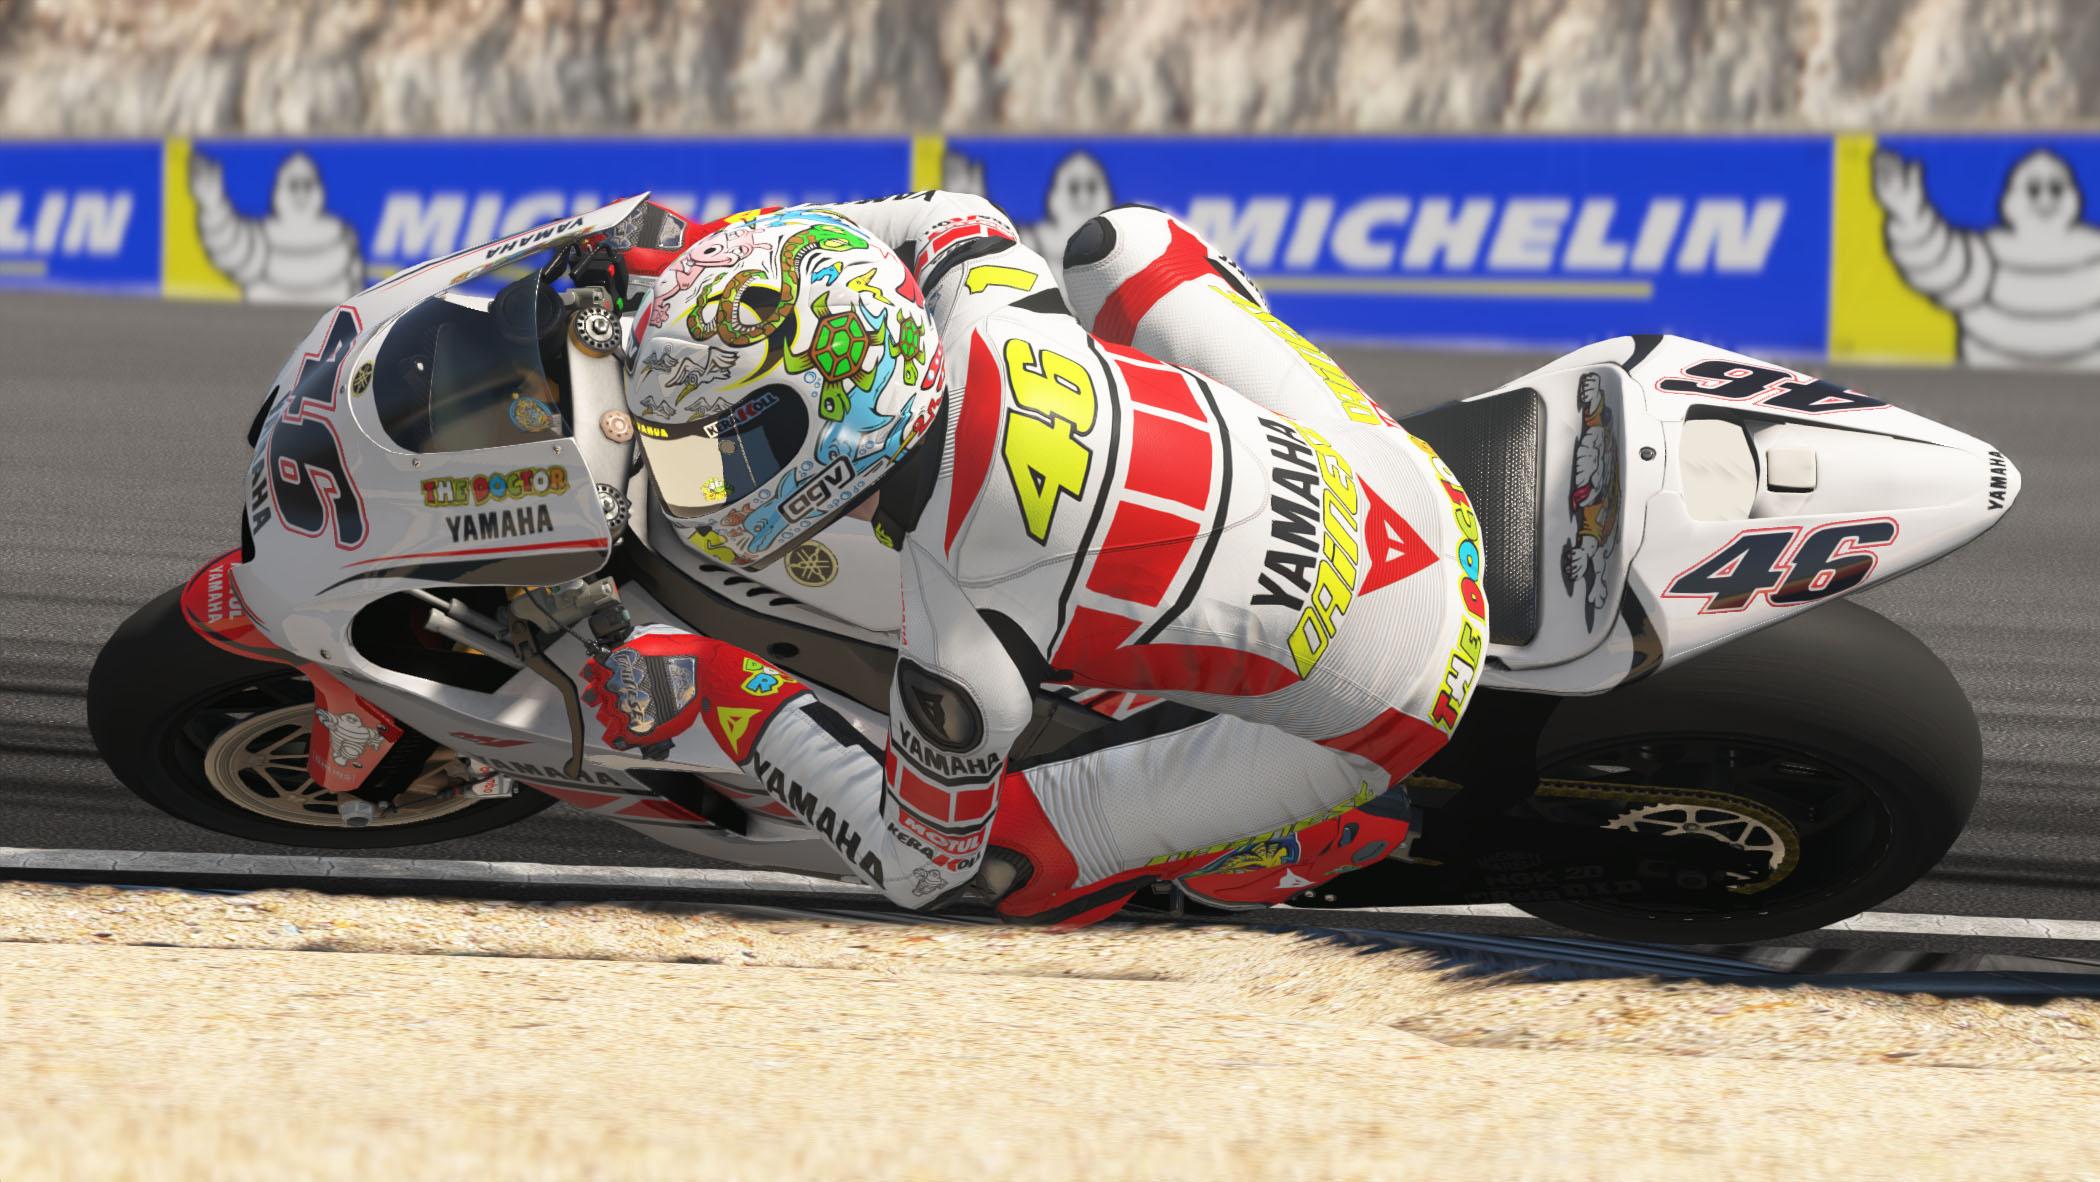 MotoGPVR46X64 2016-06-24 14-44-14-30.jpg